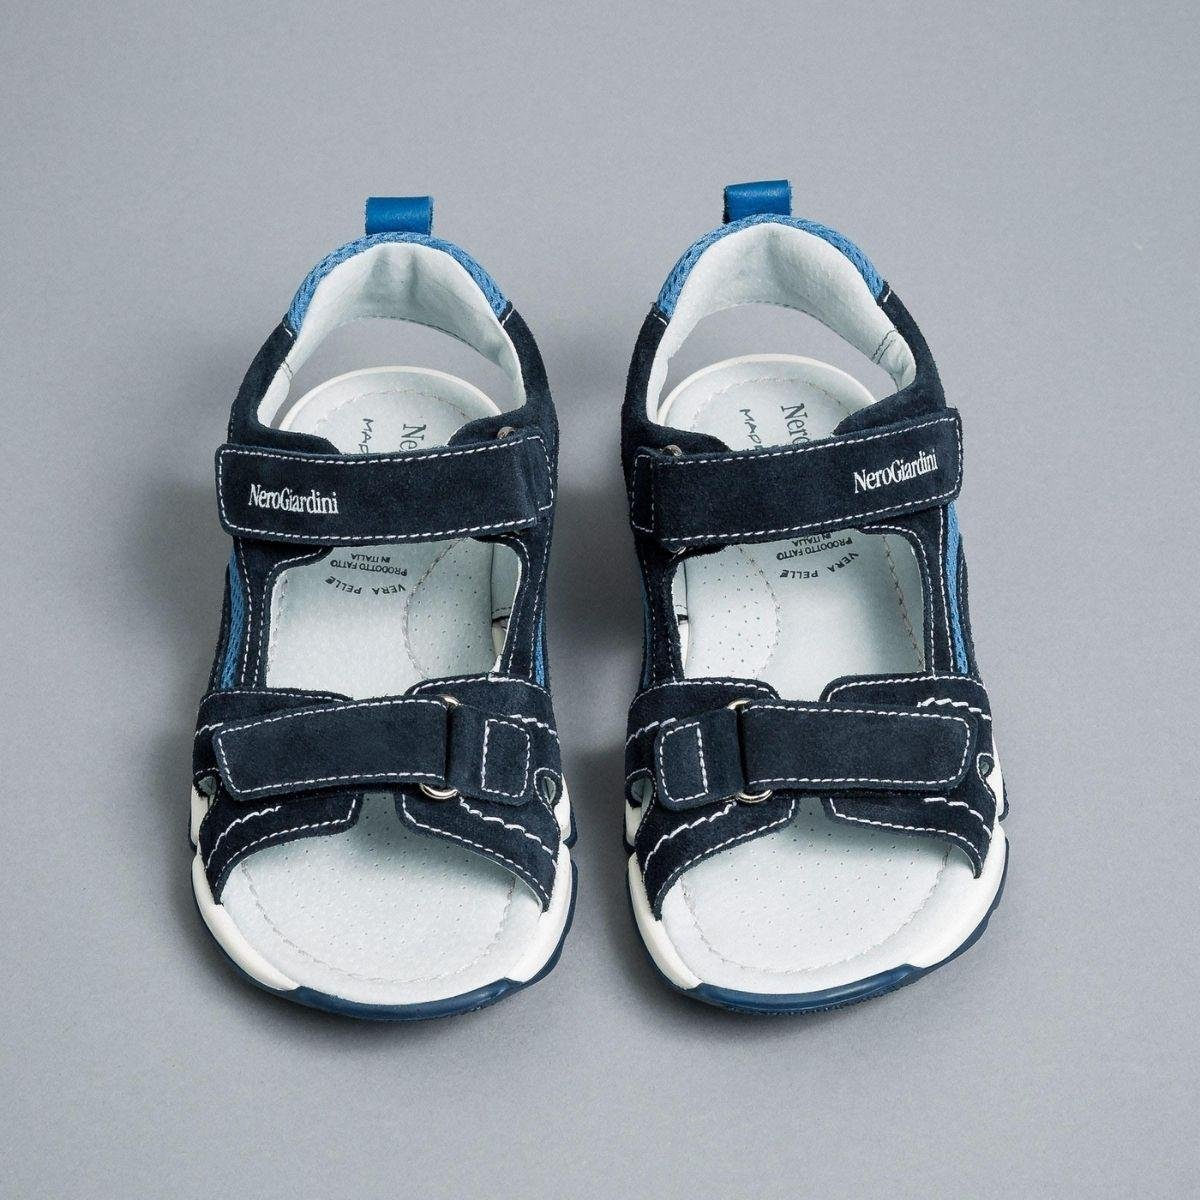 Sandalo Nero Giardini...